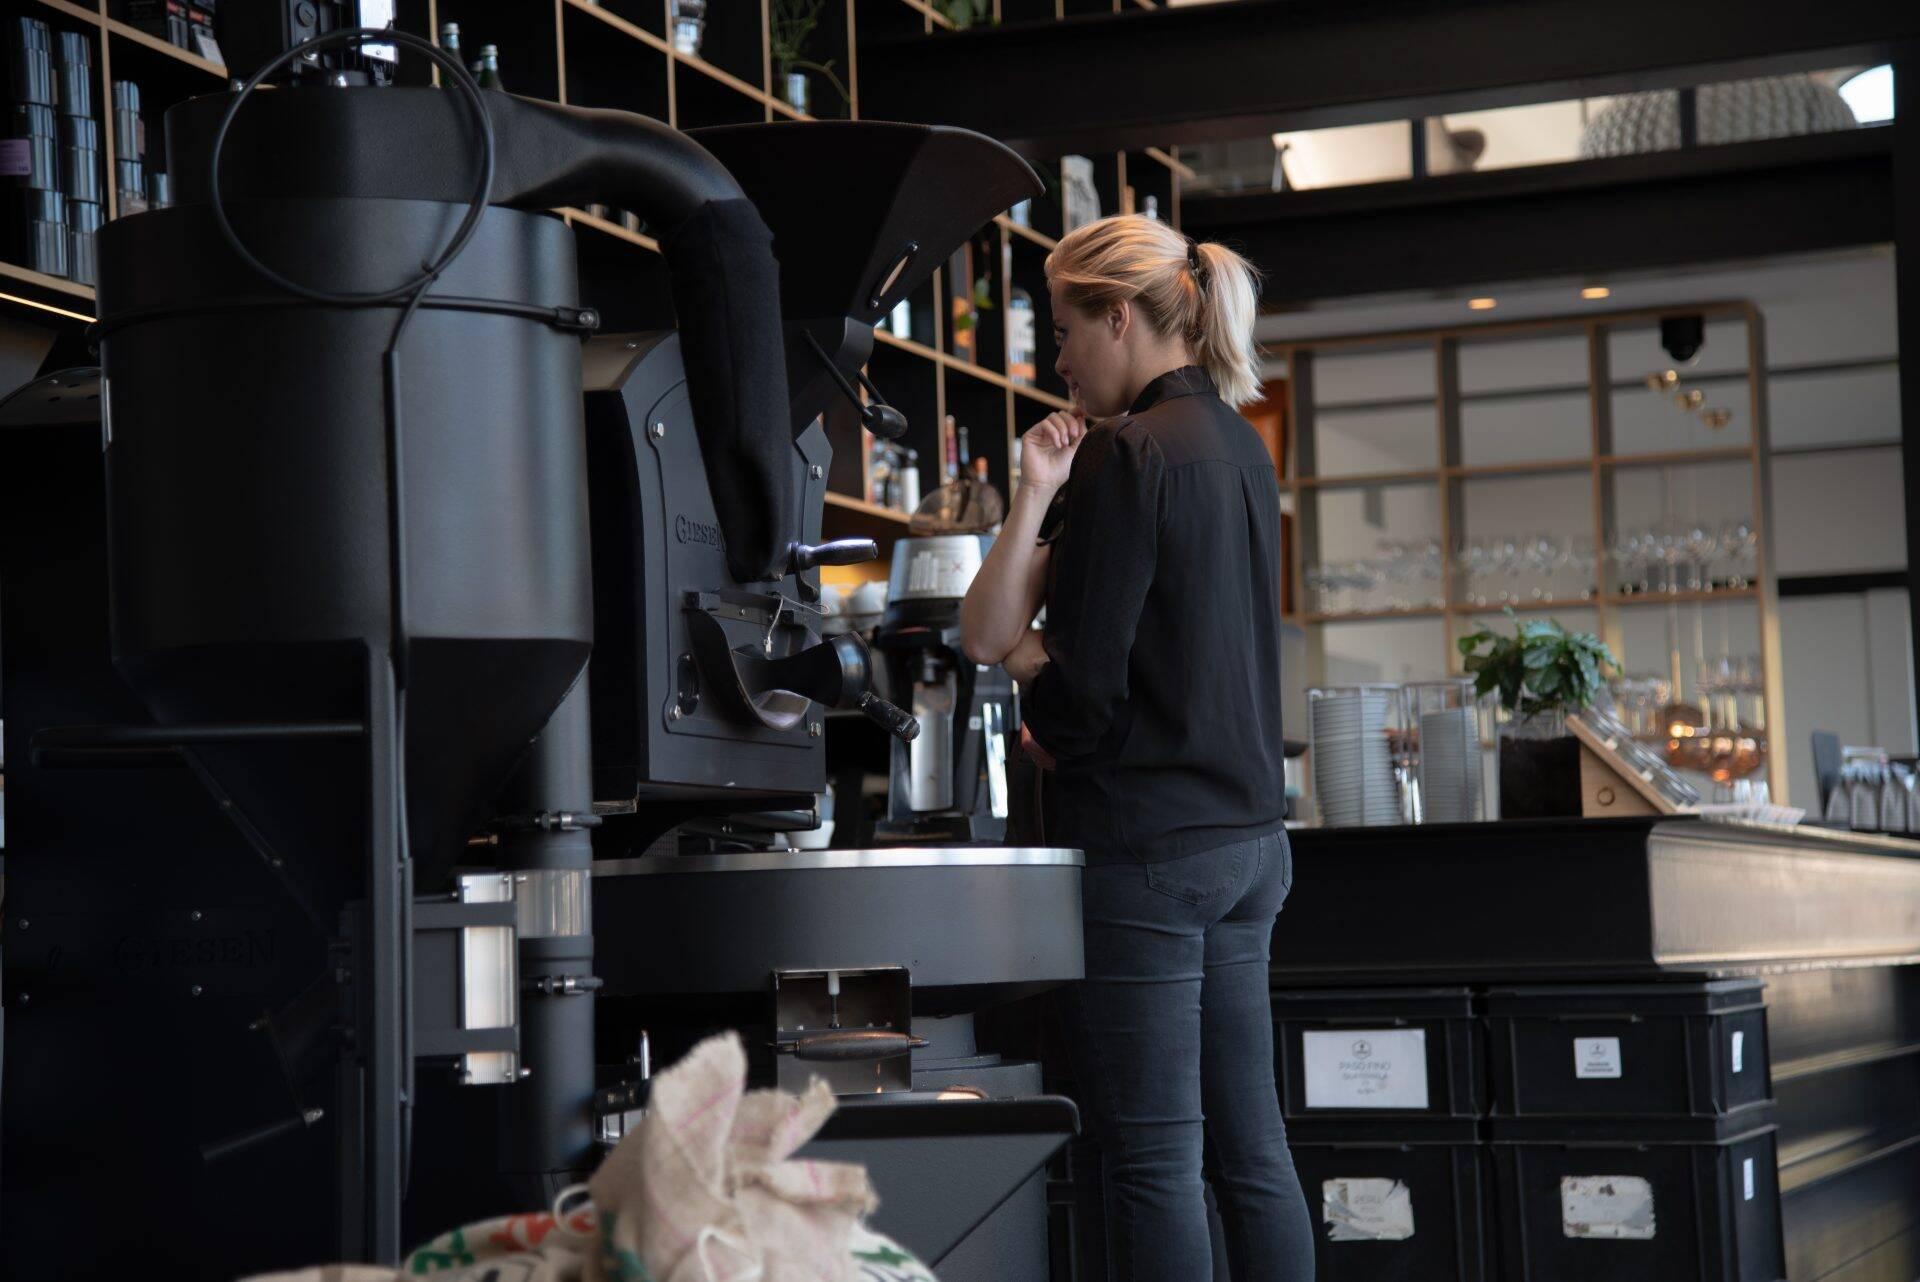 Primeurtje: Ik mag voor het eerst koffie branden!